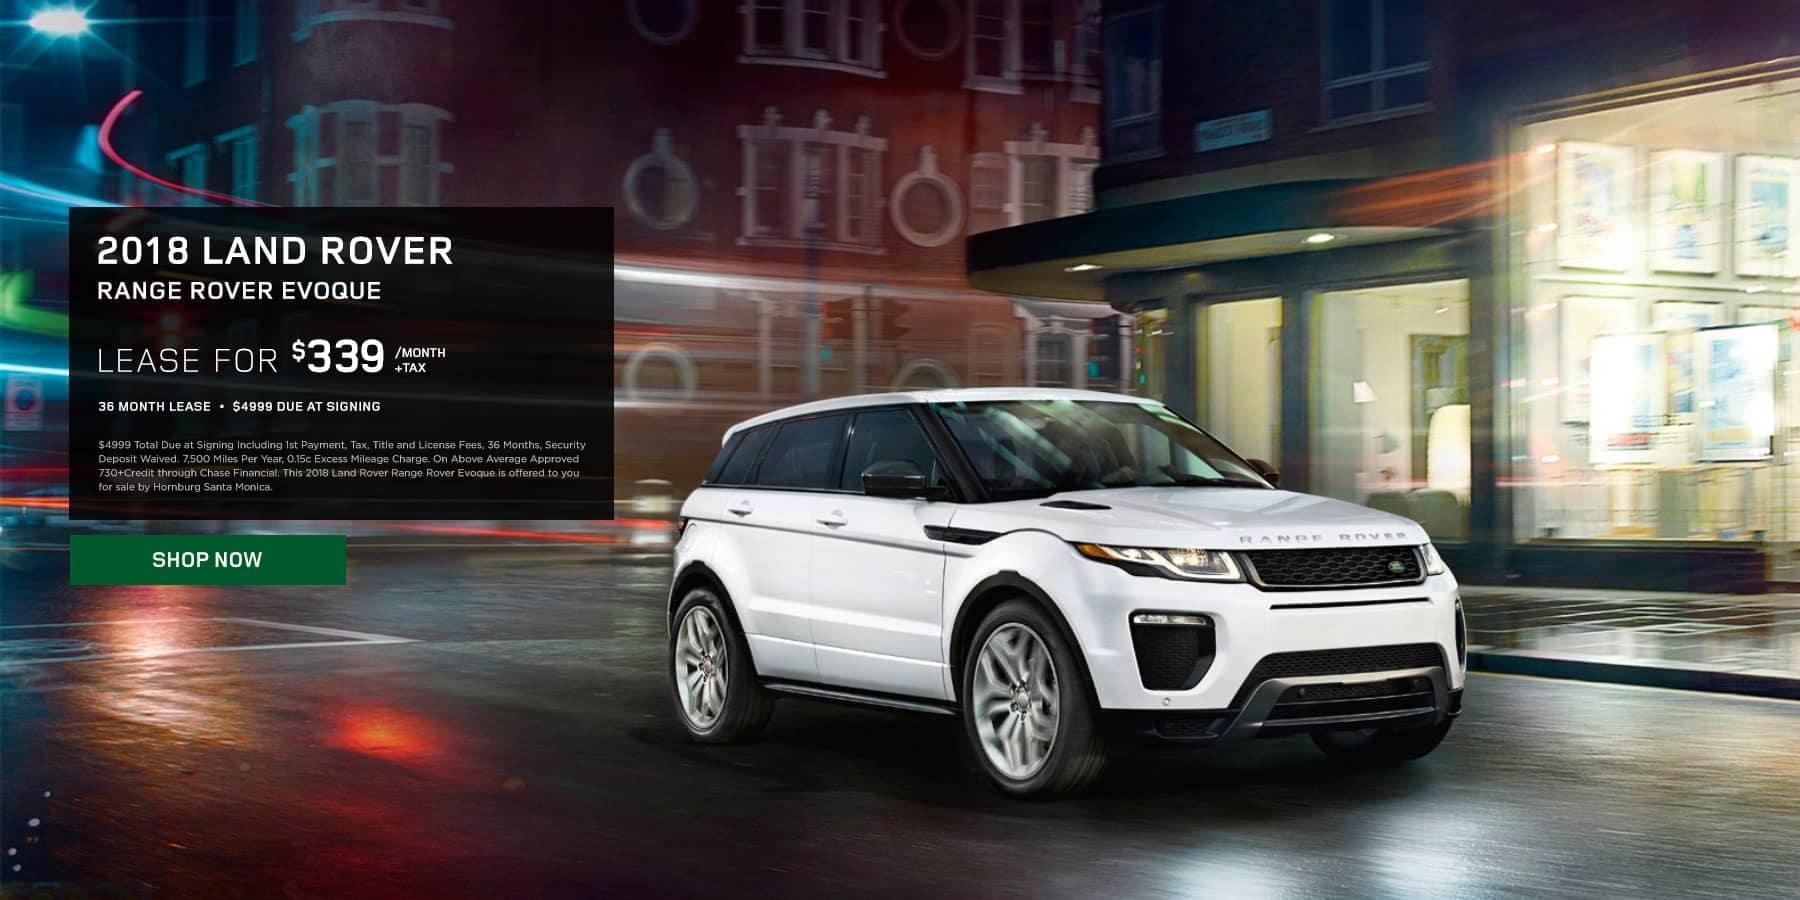 2018-LR-Range-Rover-Evoque